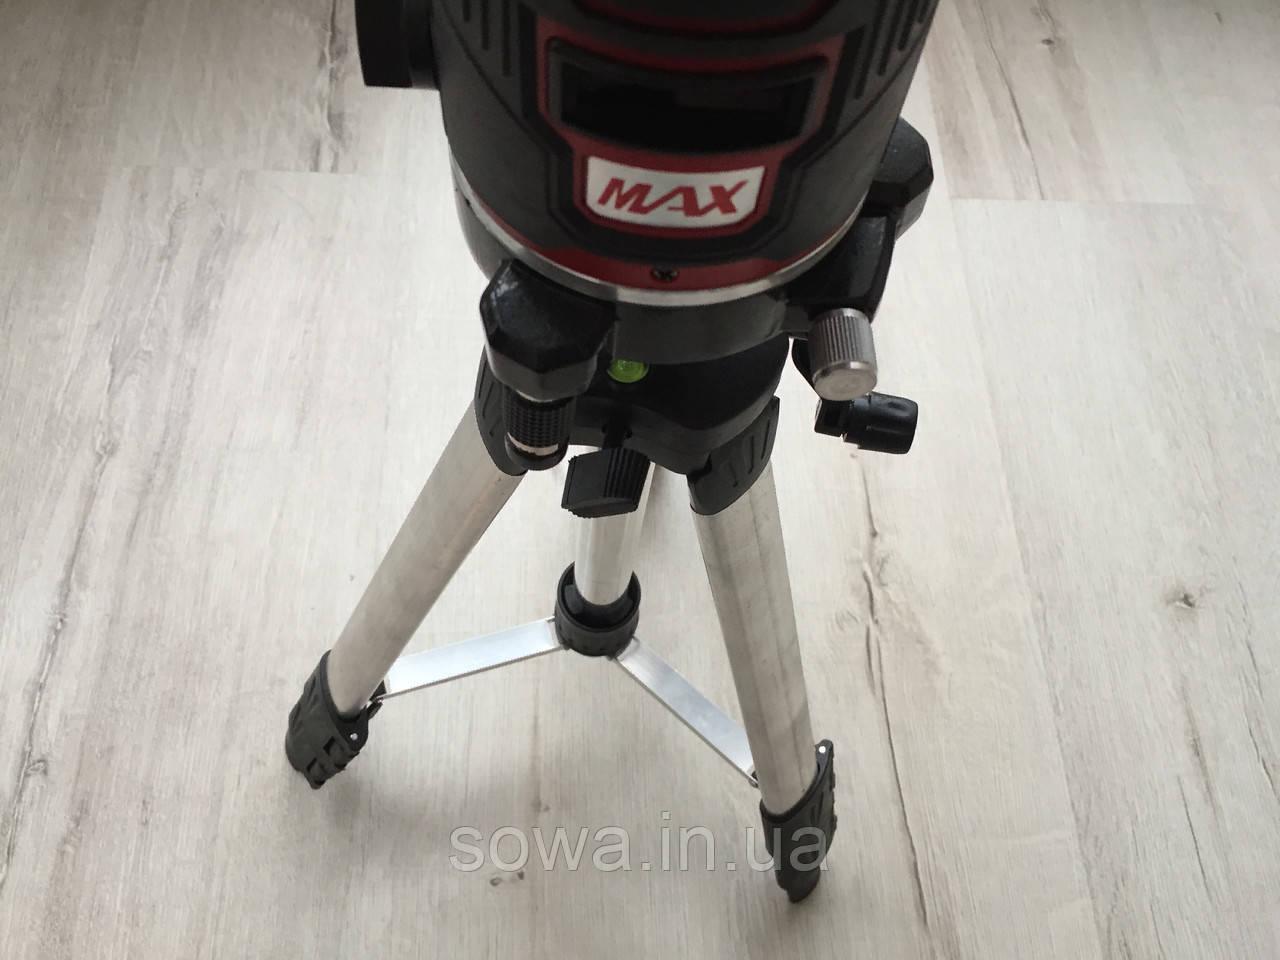 ✔️ Лазерный уровень, нивелир Max MXNL 03 + штатив